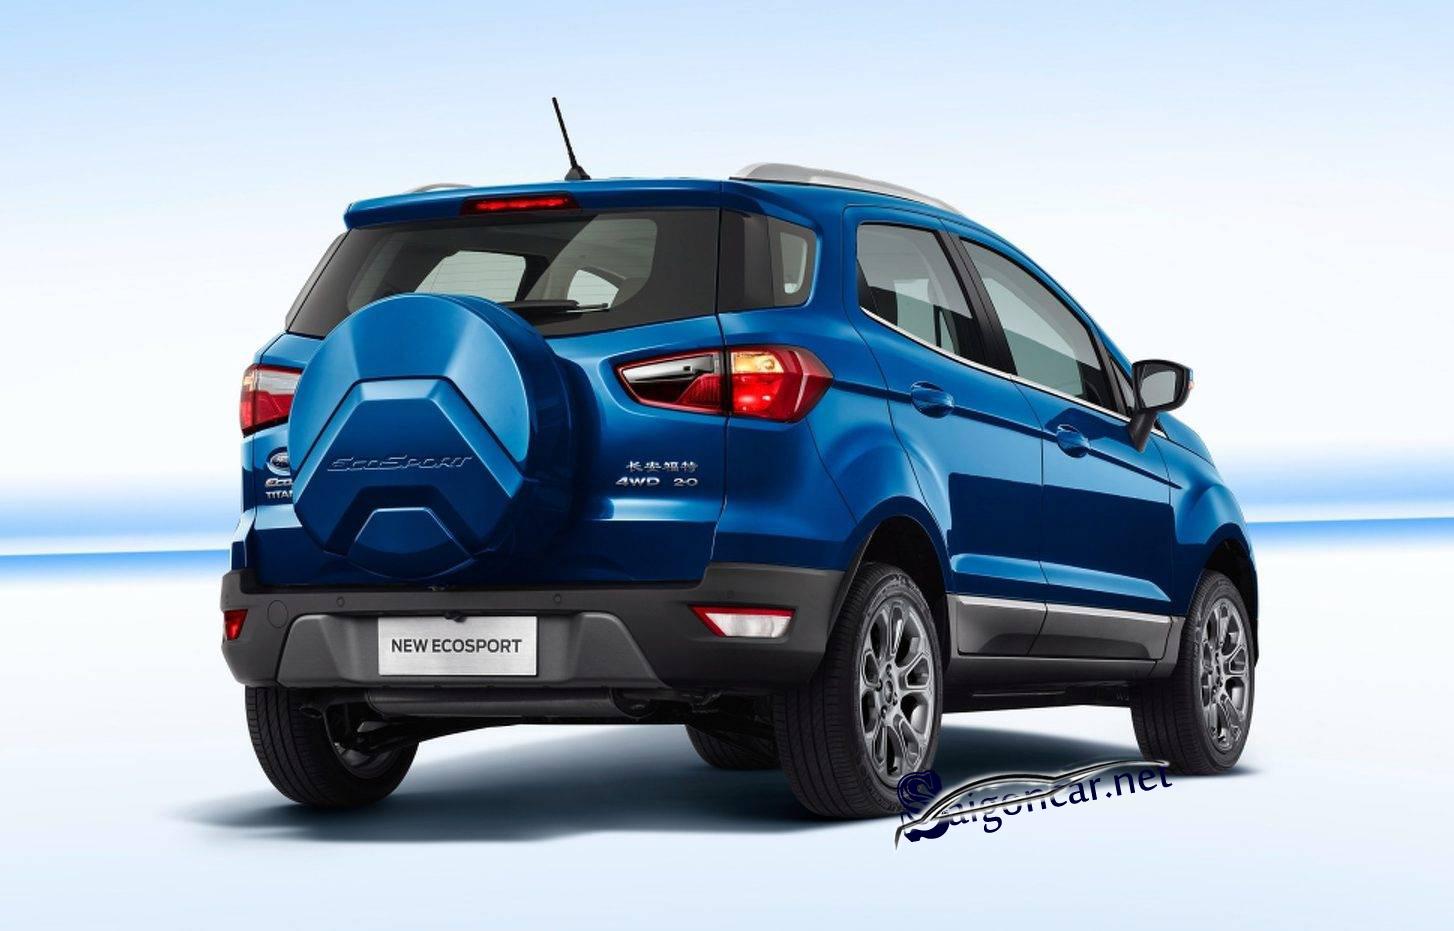 Đuôi xe Ford Ecosport 2019